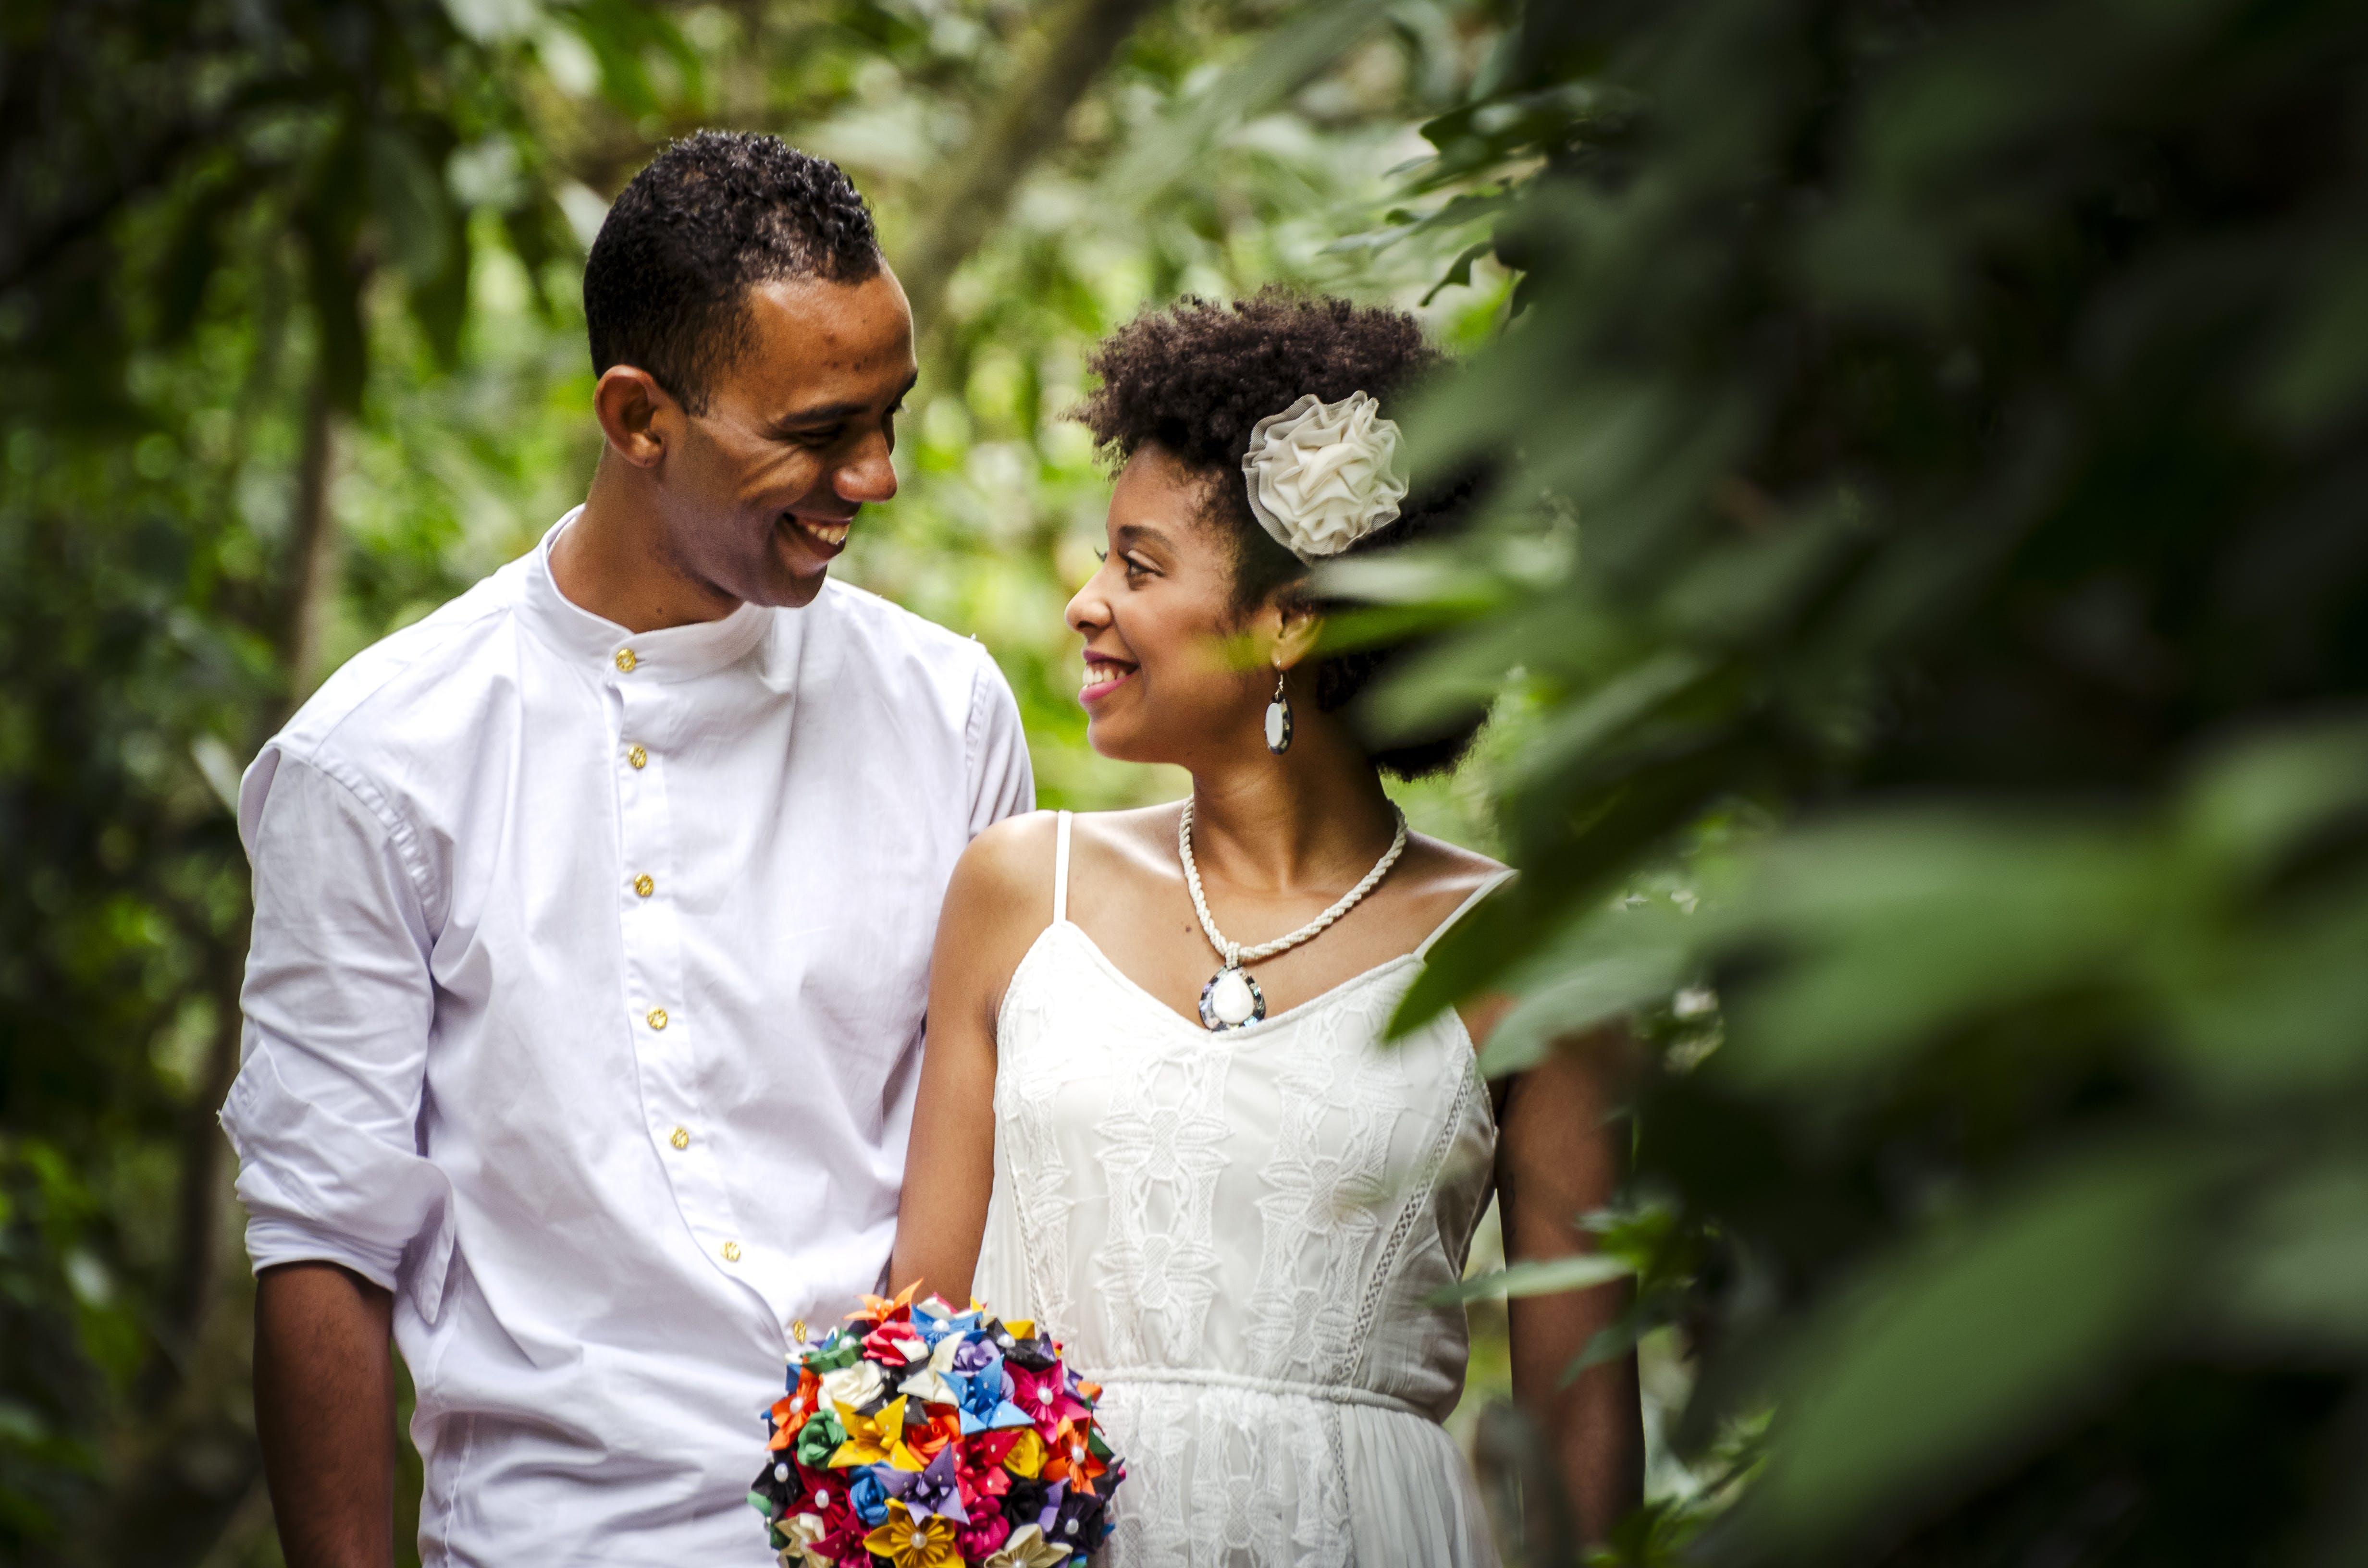 Gratis lagerfoto af brud og gom, bryllup, dagslys, fokus